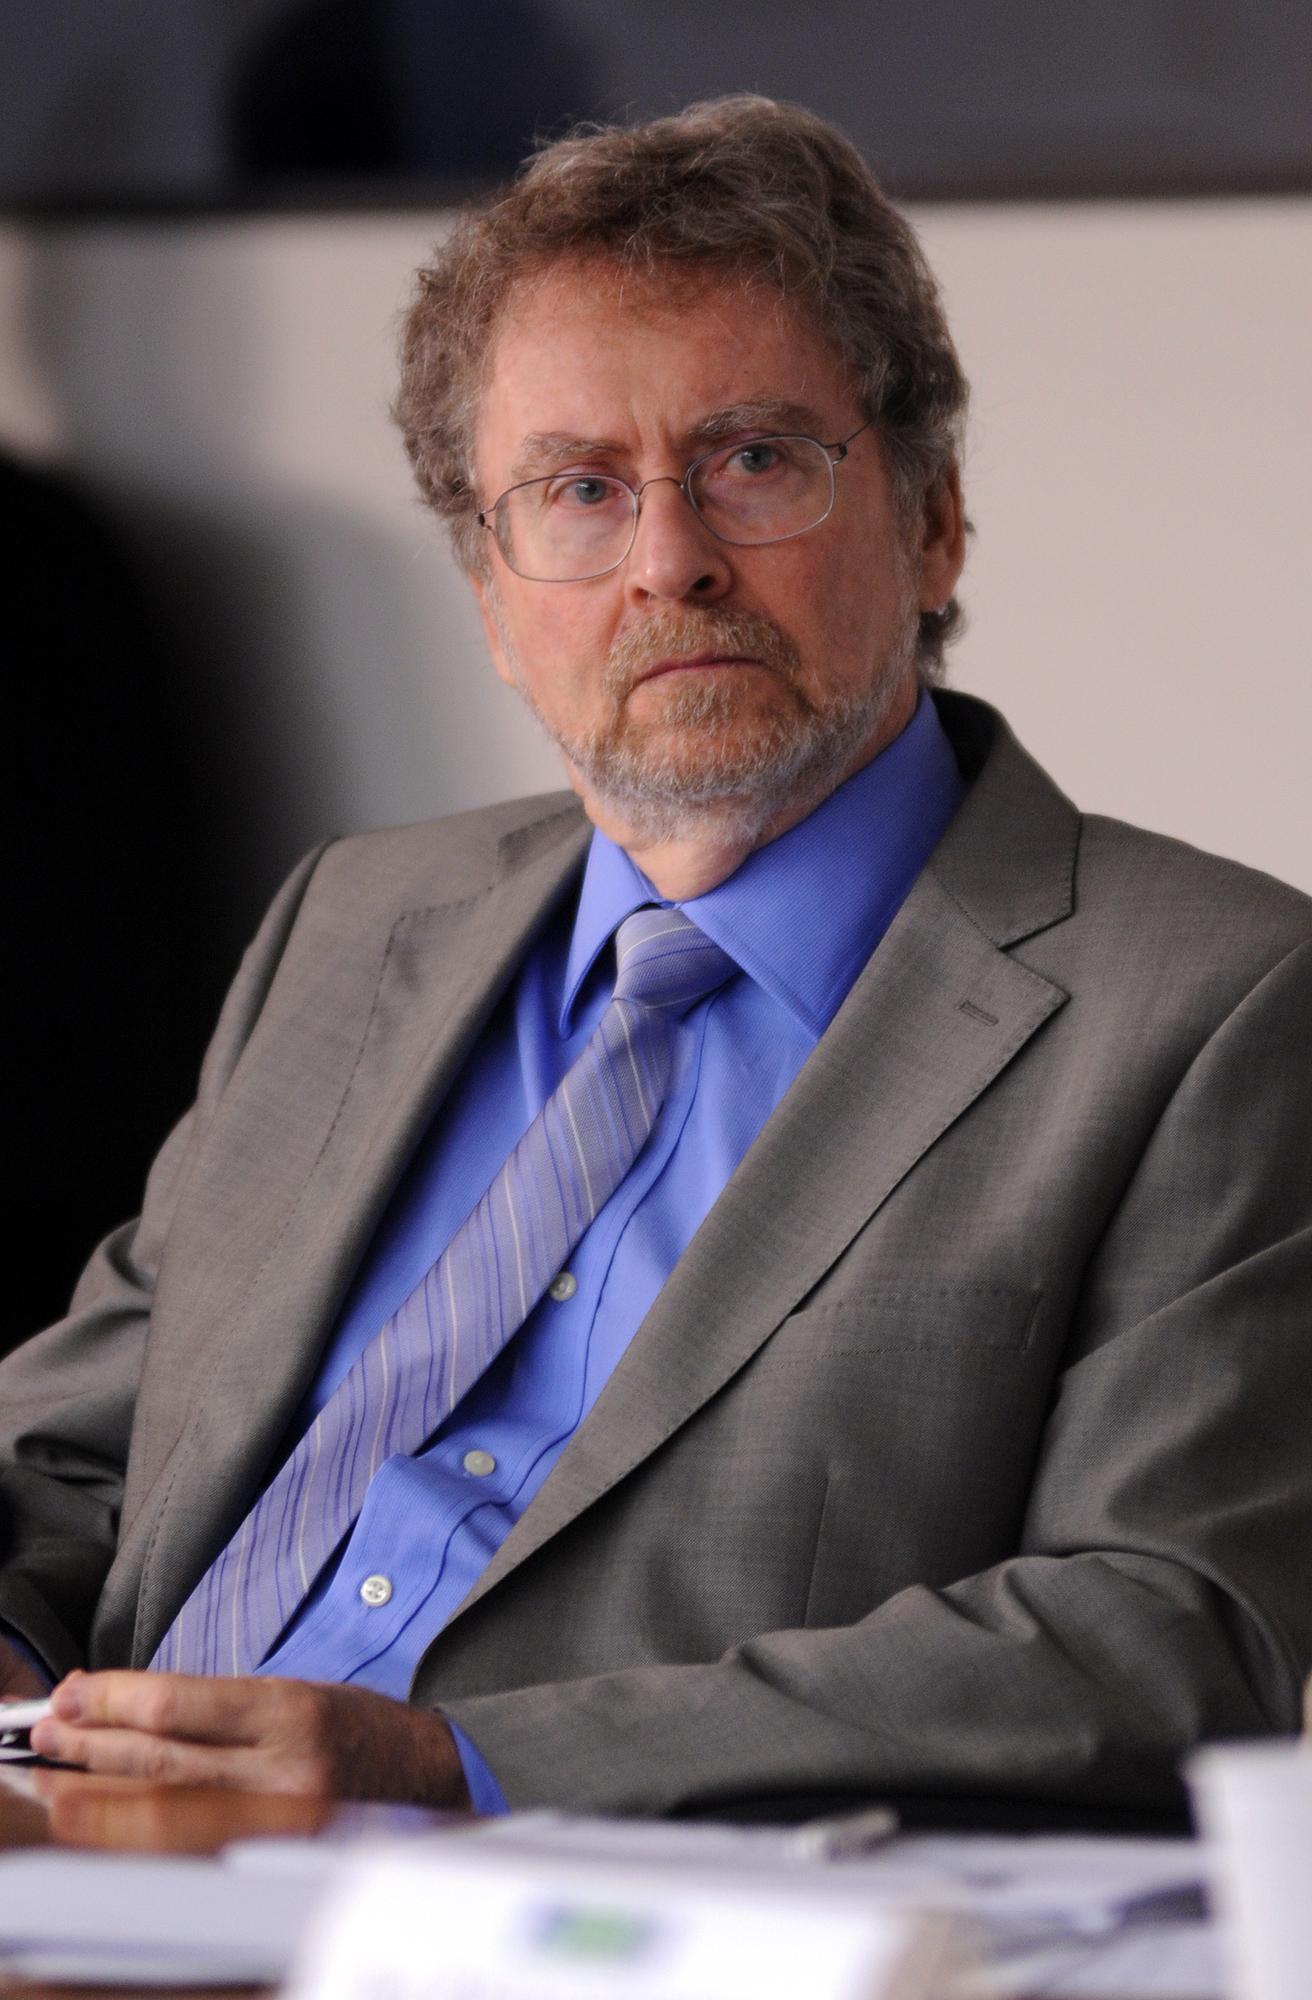 Luiz Davidovich (Secretário-Geral da 4ª Conferência Nacional de Ciência, Tecnologia e Inovação)